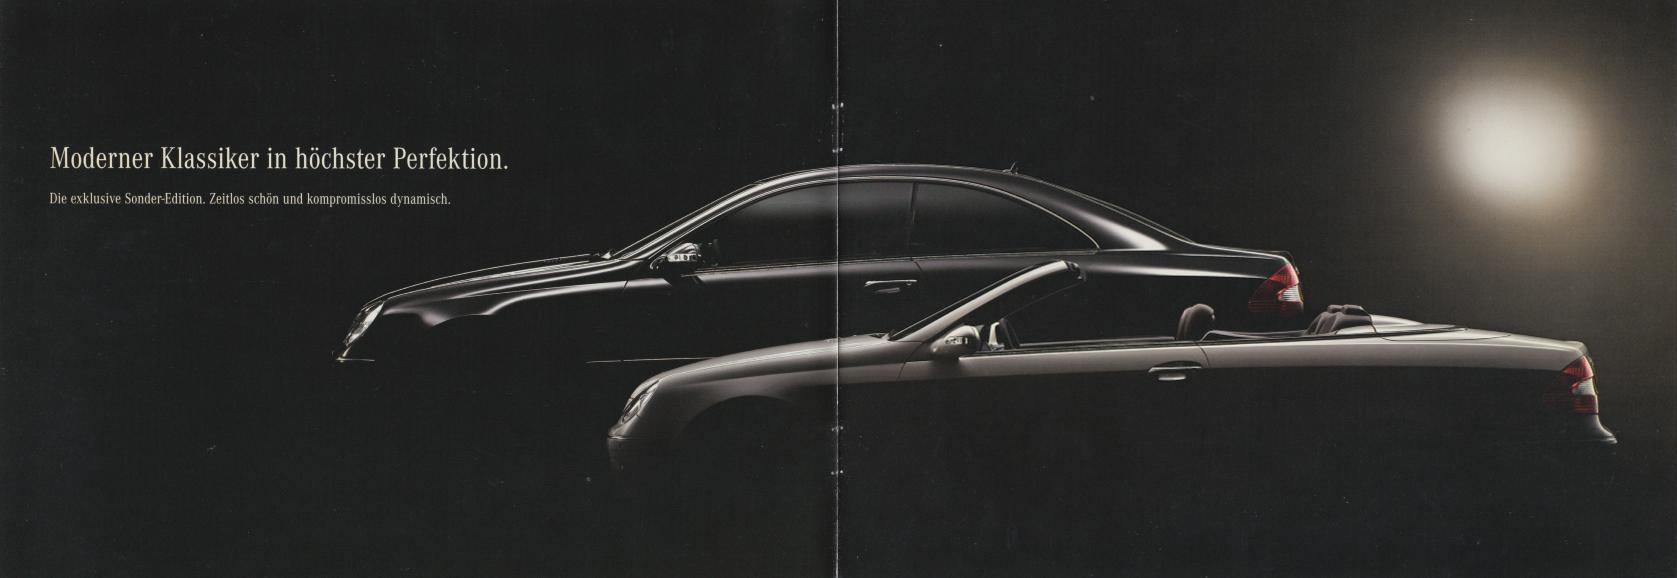 (A/C209): Catálogo 2008 - Grand Edition - alemão 002